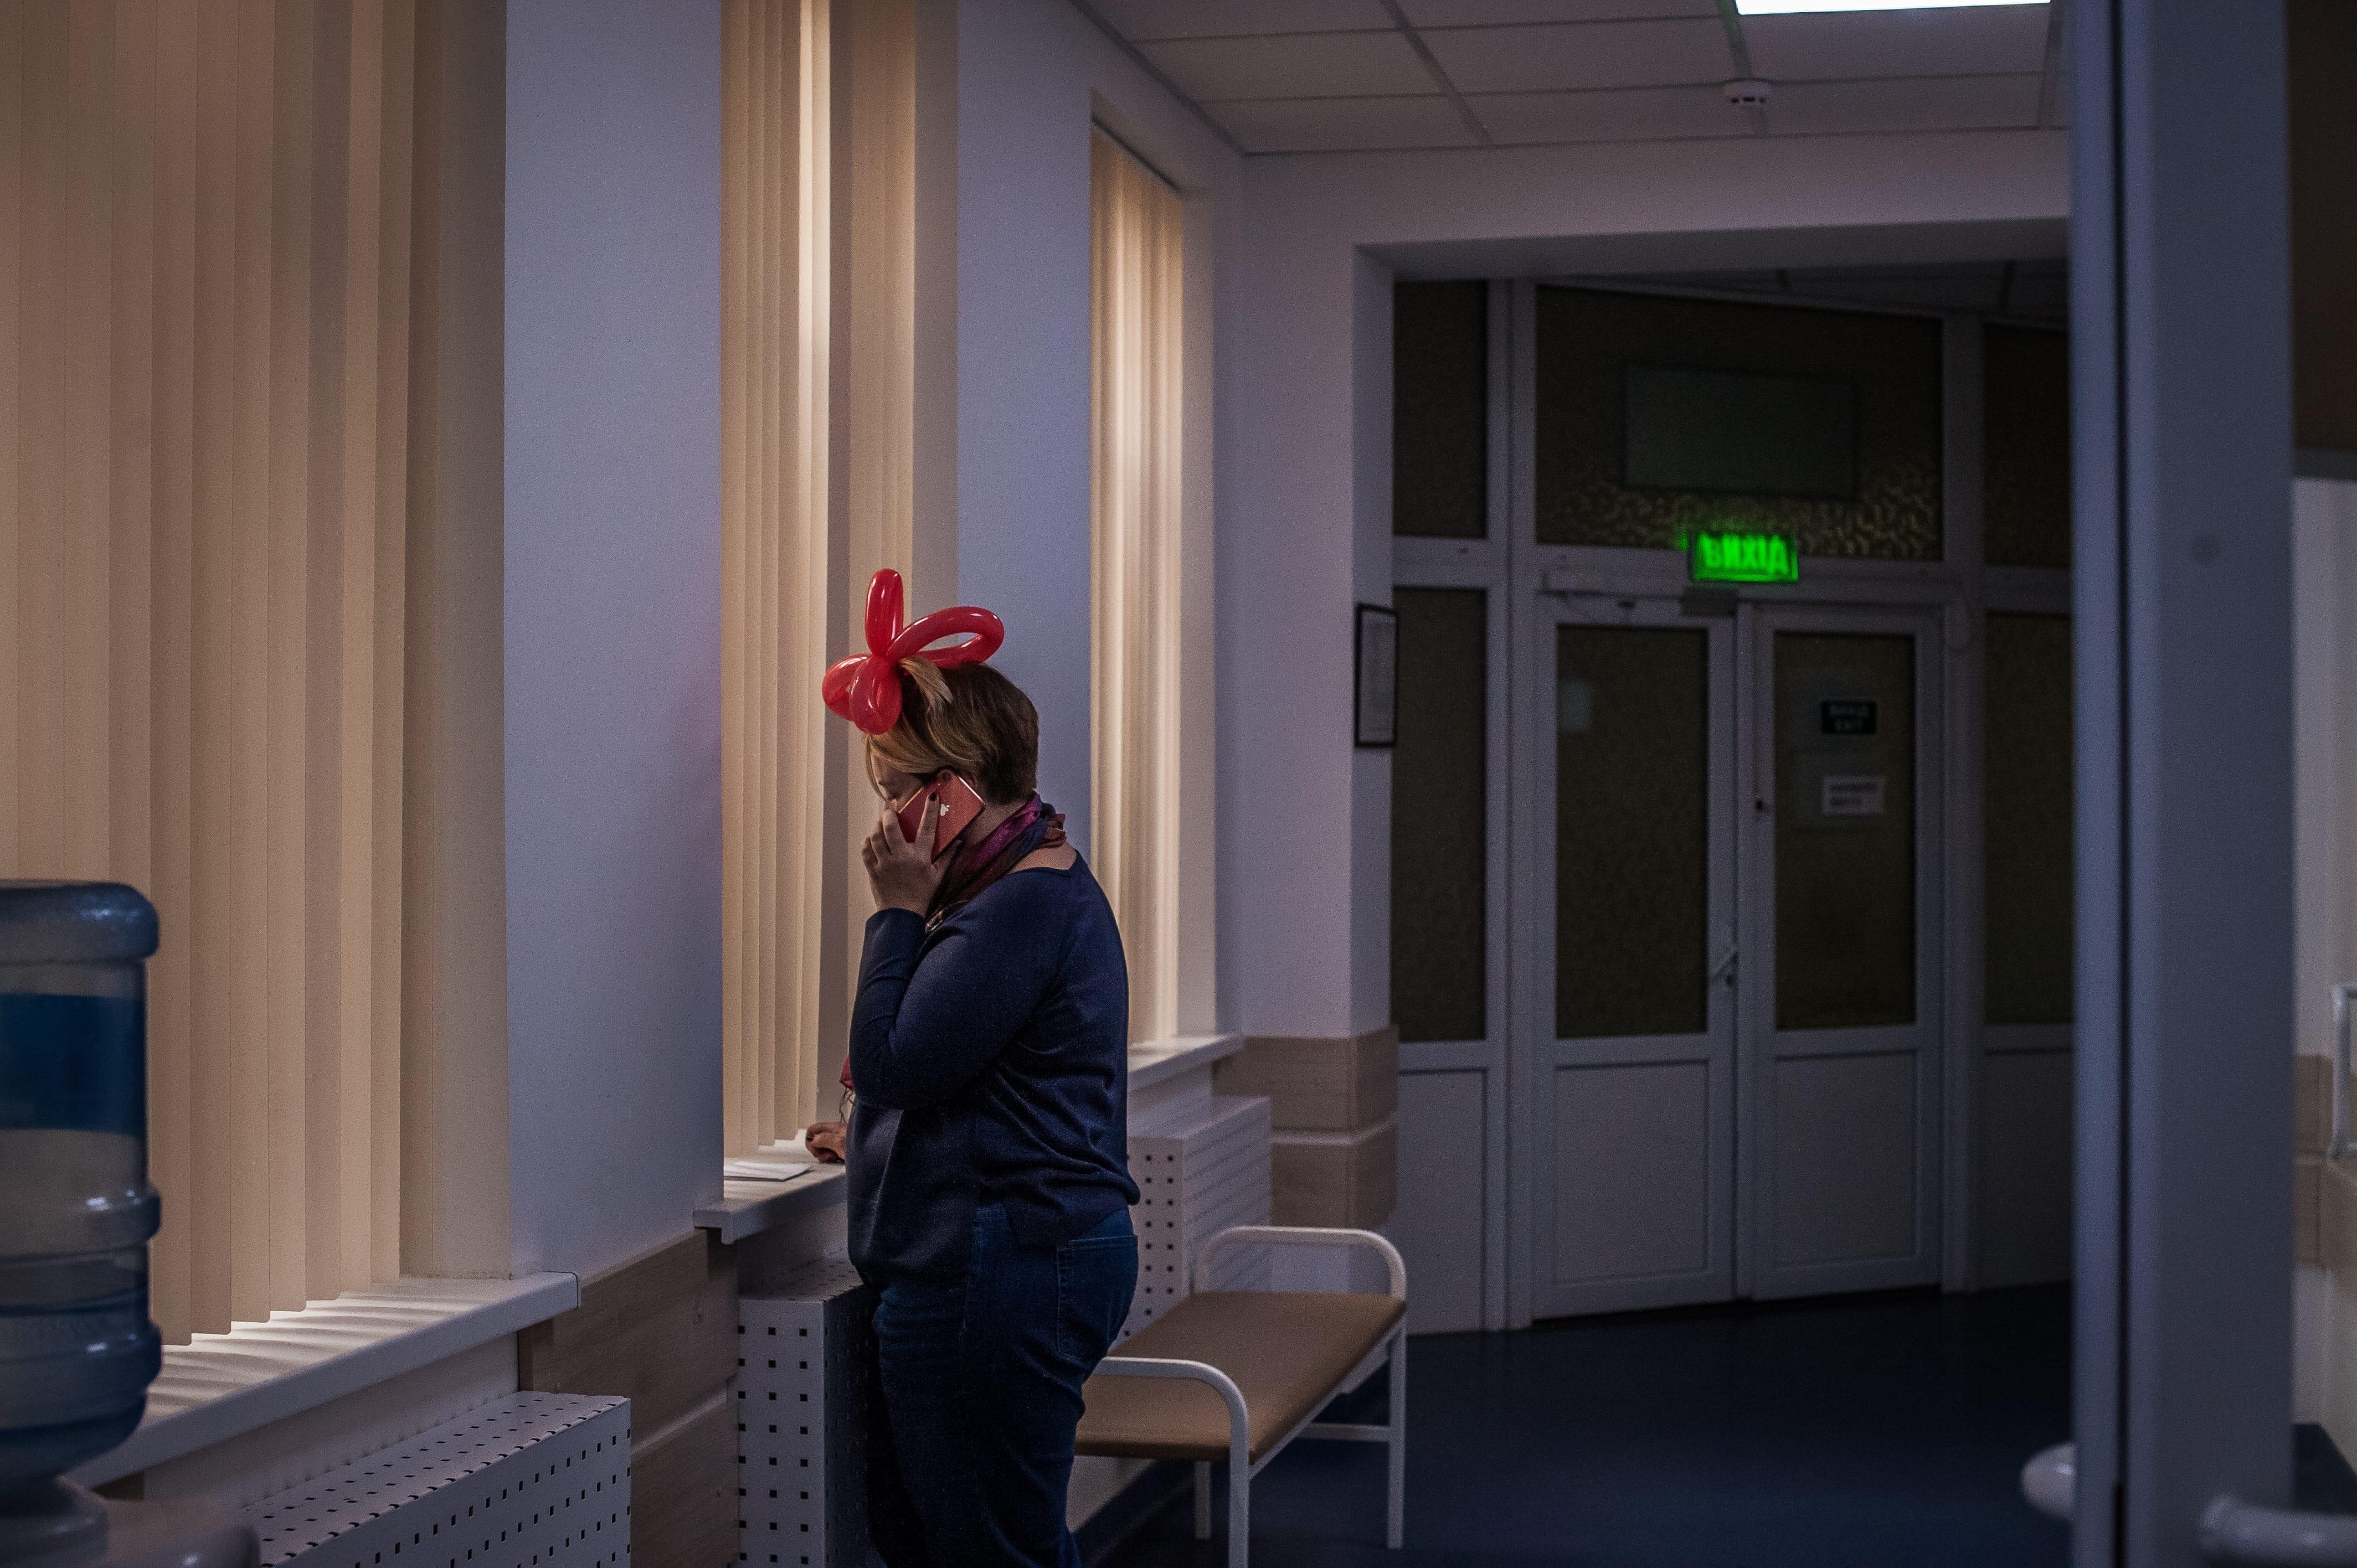 Аліна Смутко - <b>Большинство людей в Украине с паллиативными диагнозами не получают надлежащую помощь в хосписах и дома.</b> Волонтеры рассказывают, как с этим бороться - Заборона